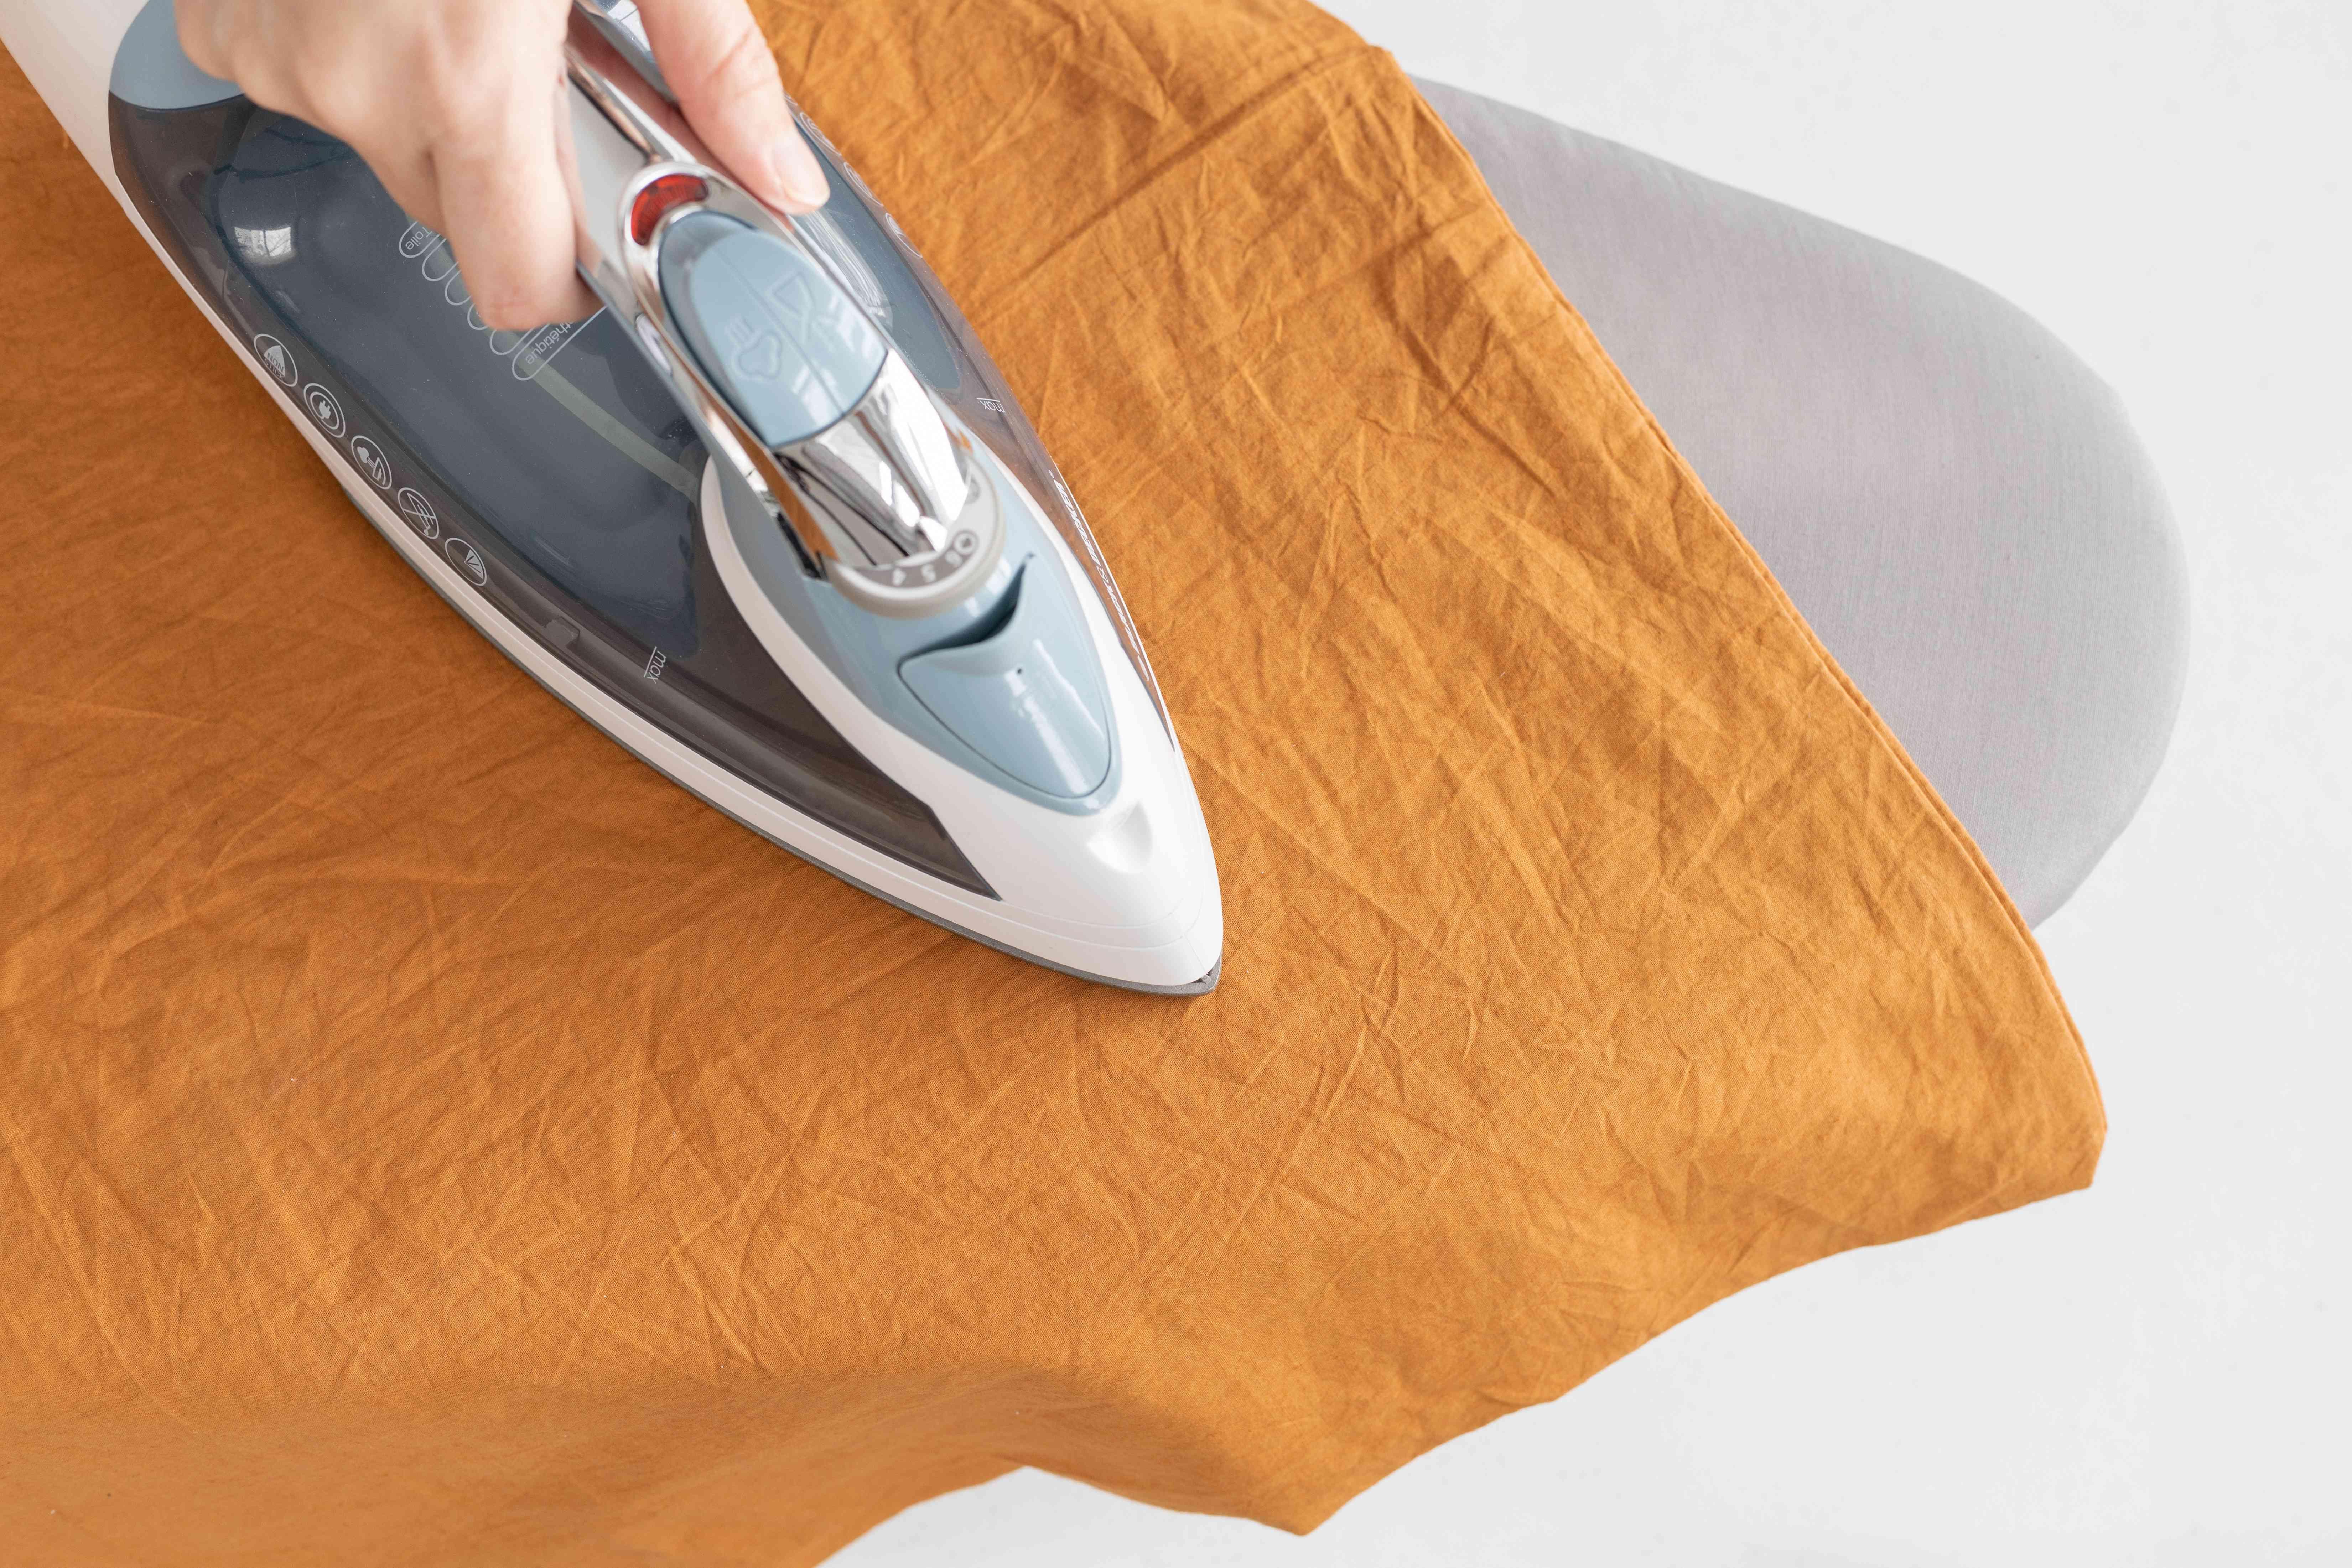 Ironing duvet cover